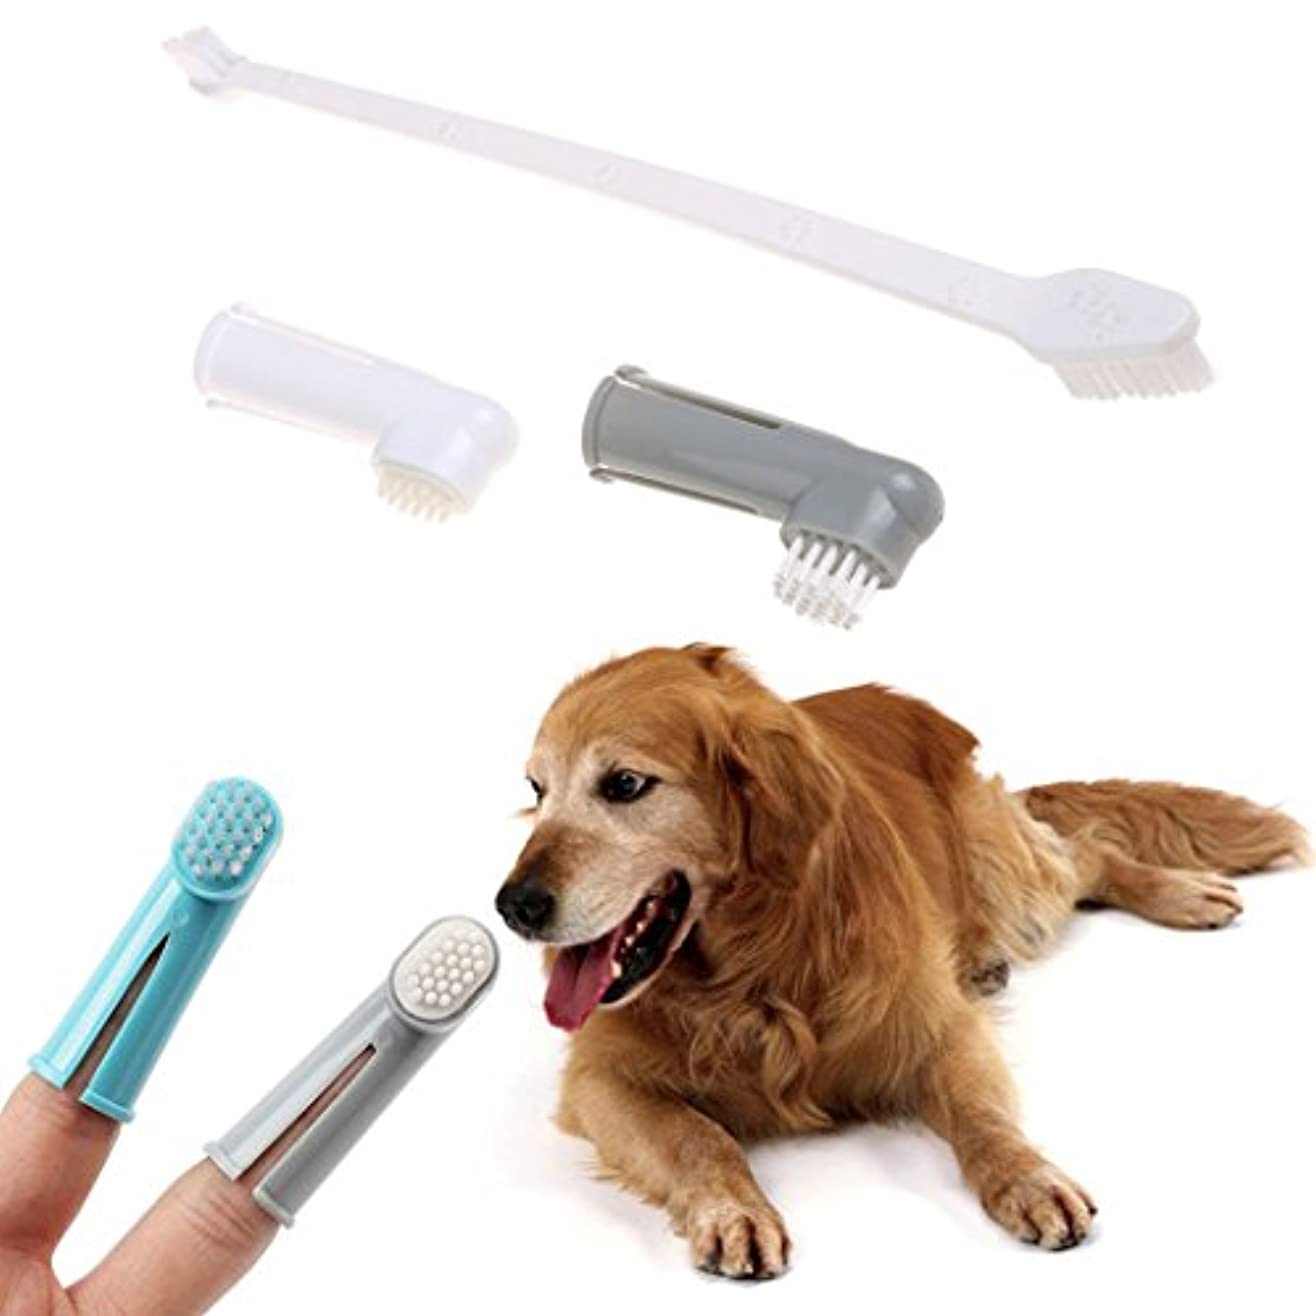 発掘する分析する罪Legendog ペットの歯ブラシ 犬用歯ブラシ 指歯 ブラシ 歯磨き ペット歯ケア用品 カラフル 3ピースセット(合計9個)